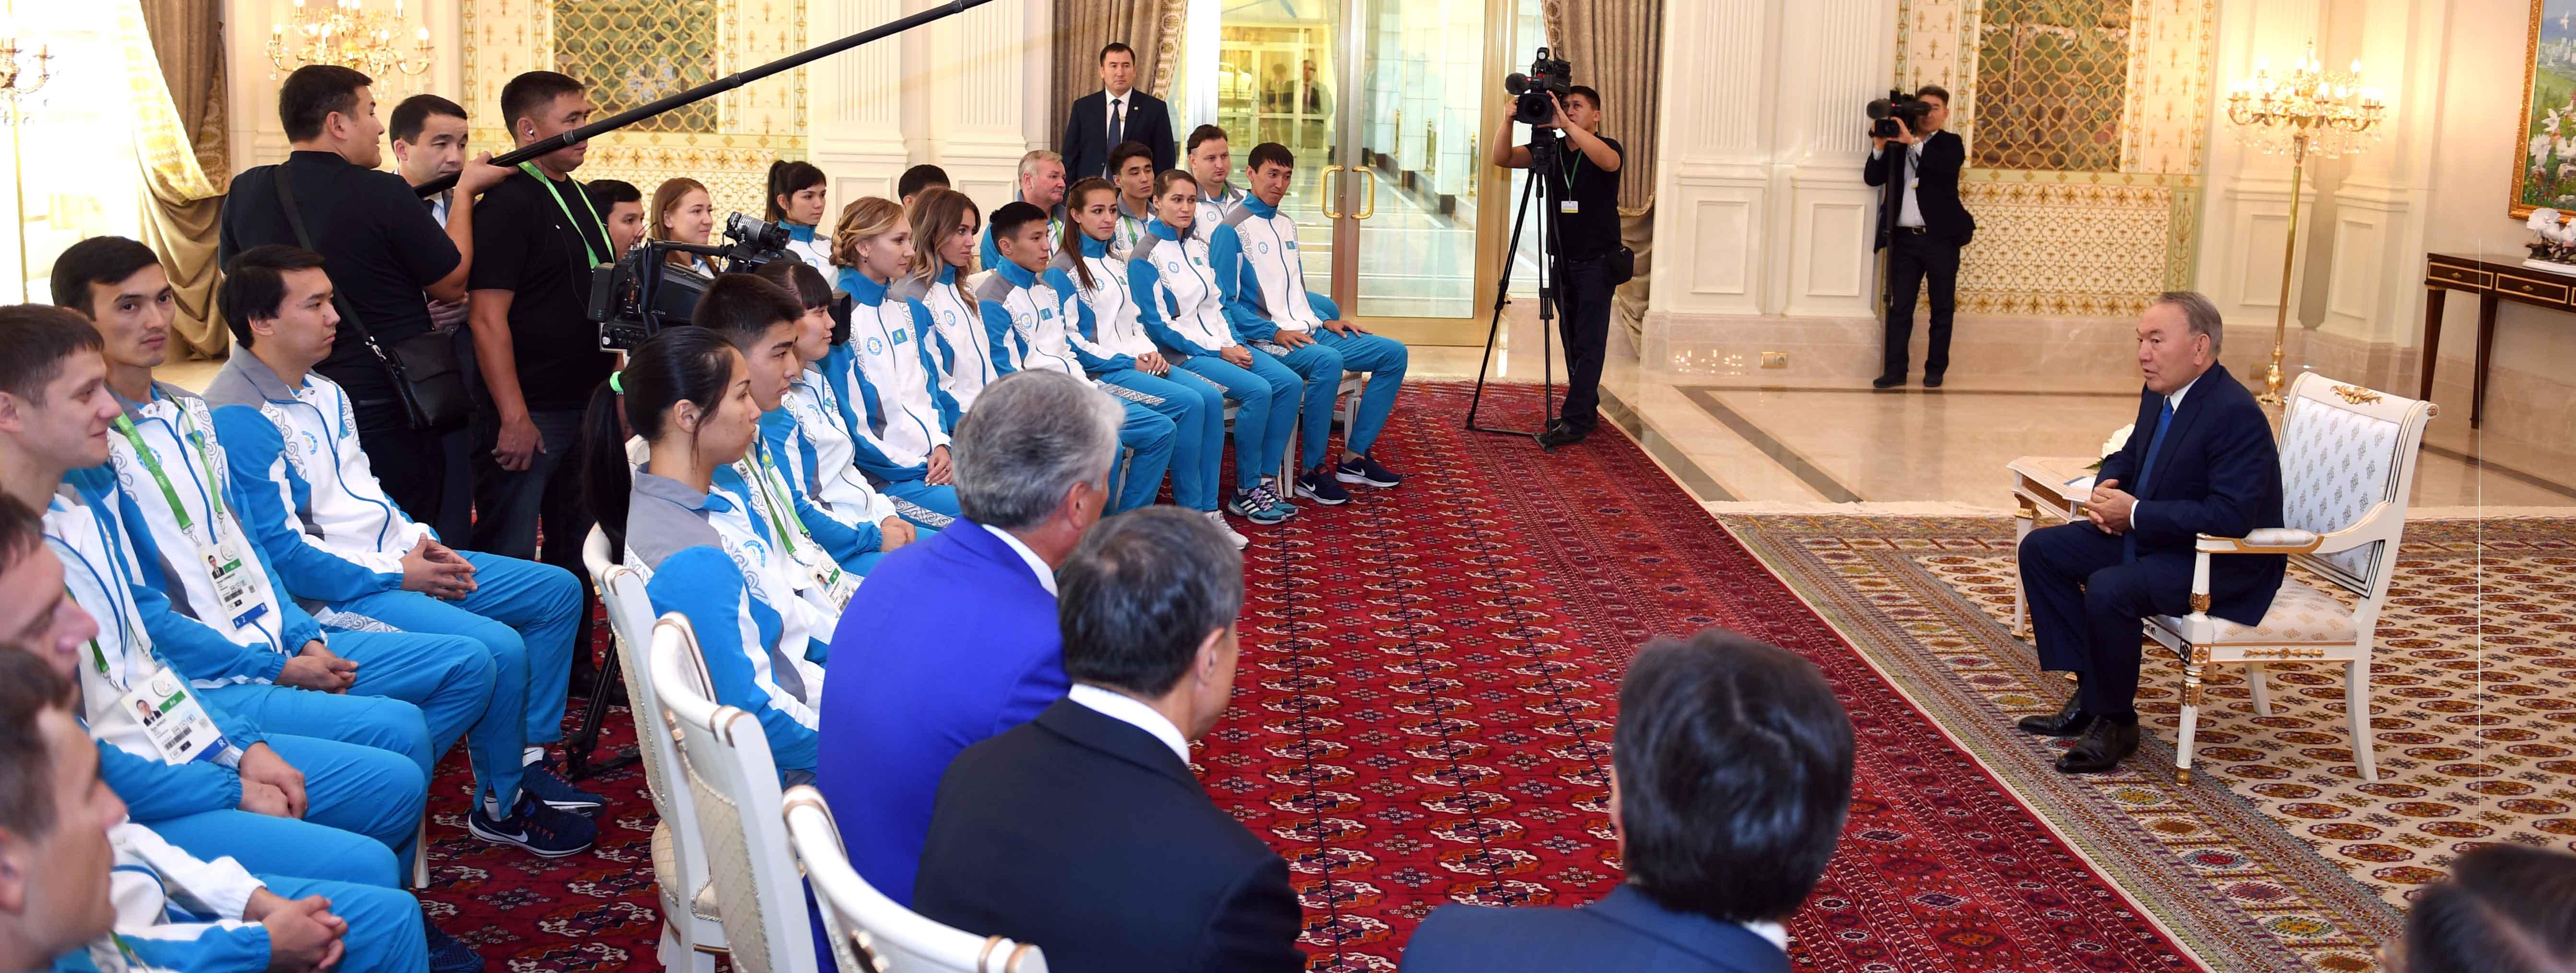 Мемлекет басшысы  Головкин мен Альварес жекпе-жегіне пікір білдірді